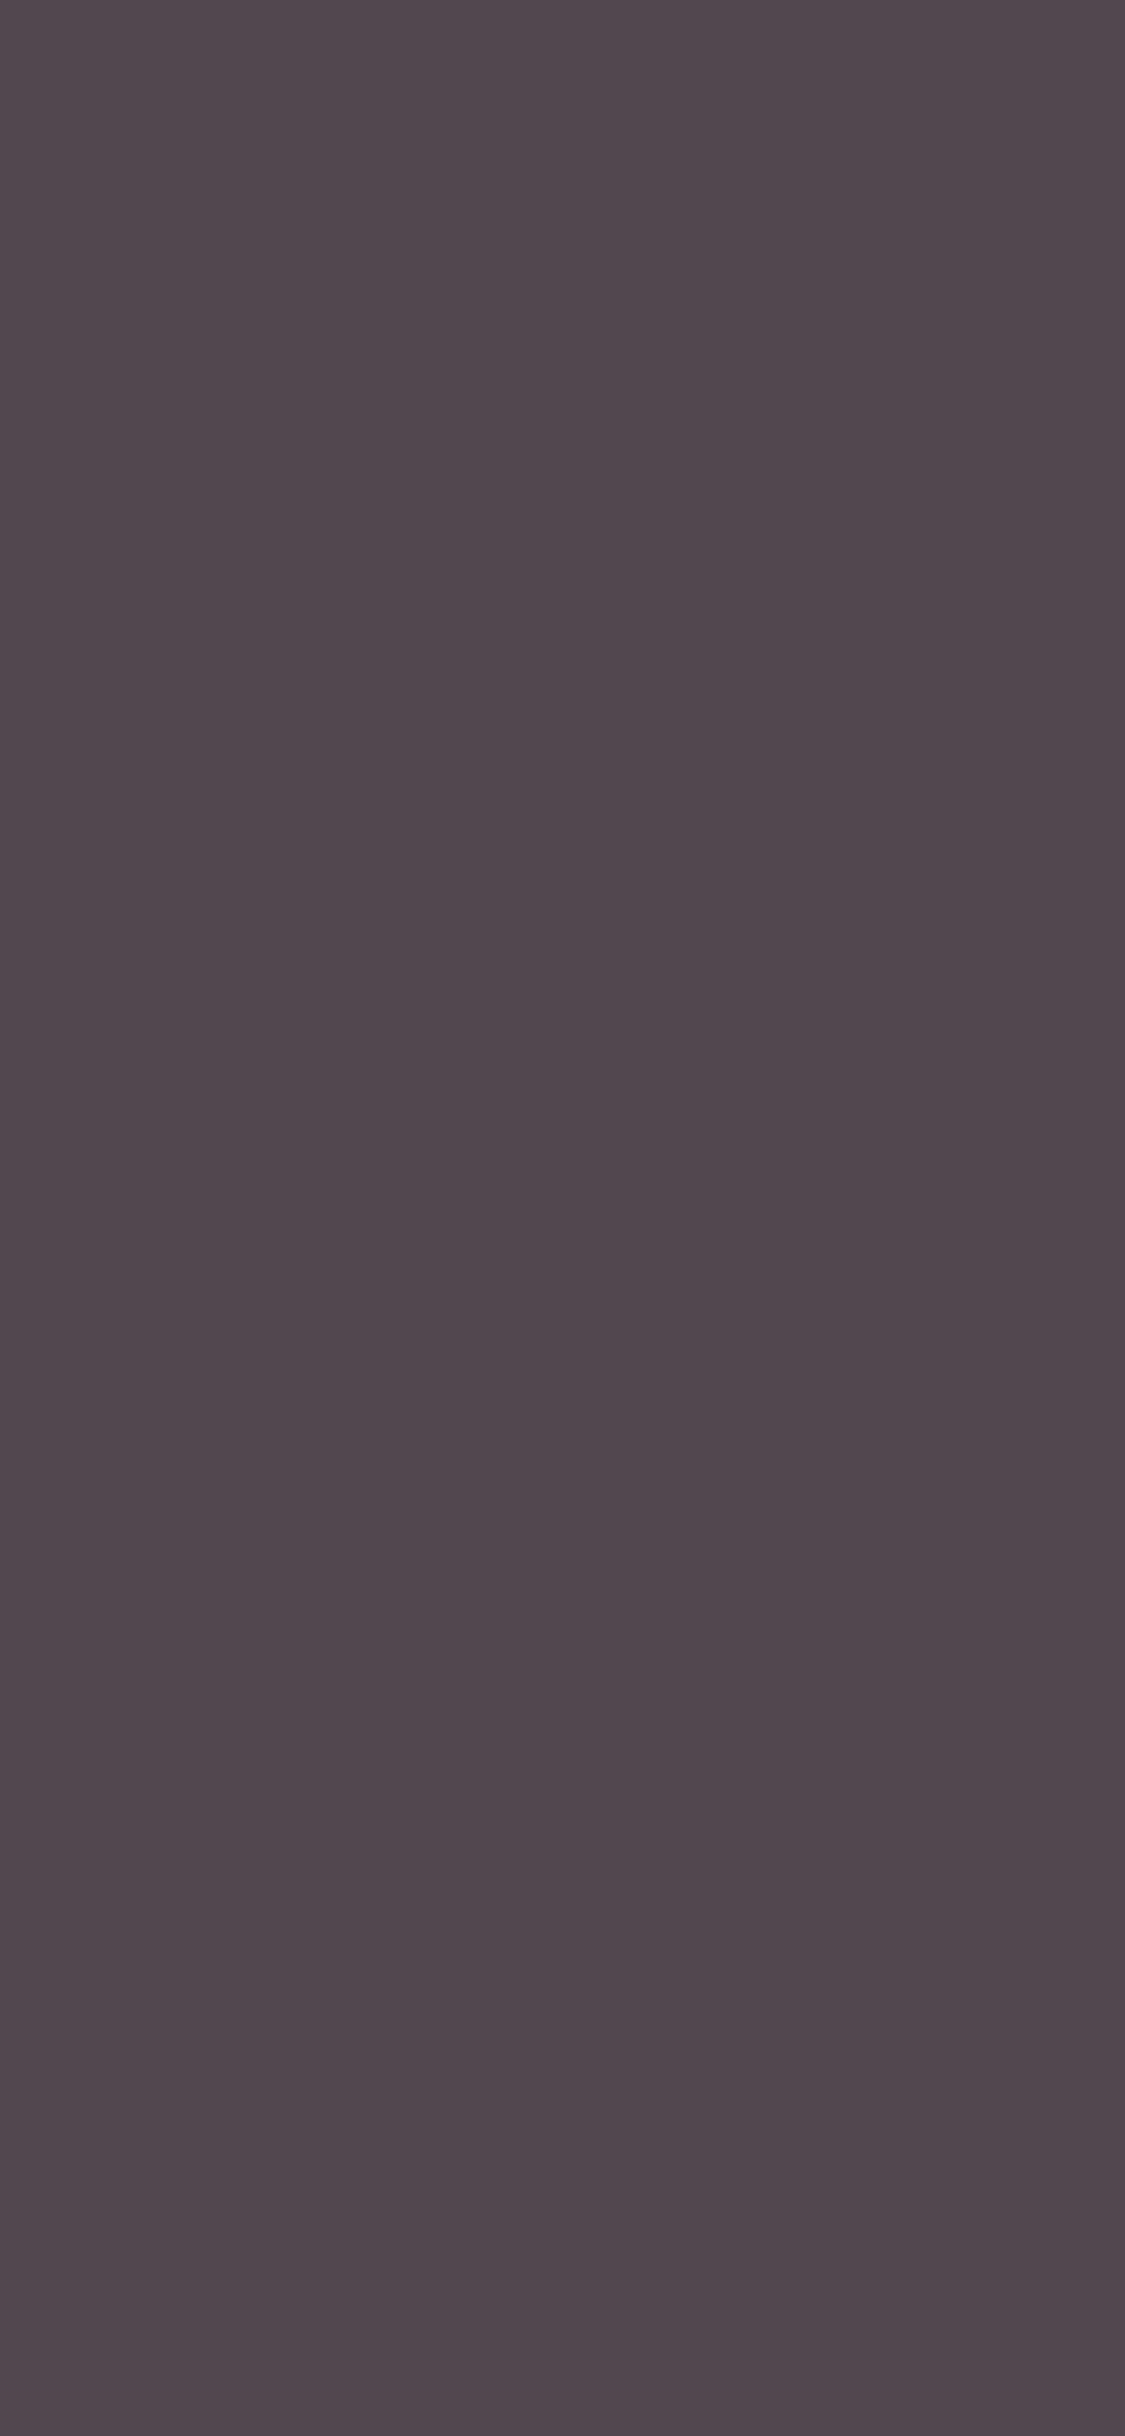 1125x2436 Quartz Solid Color Background